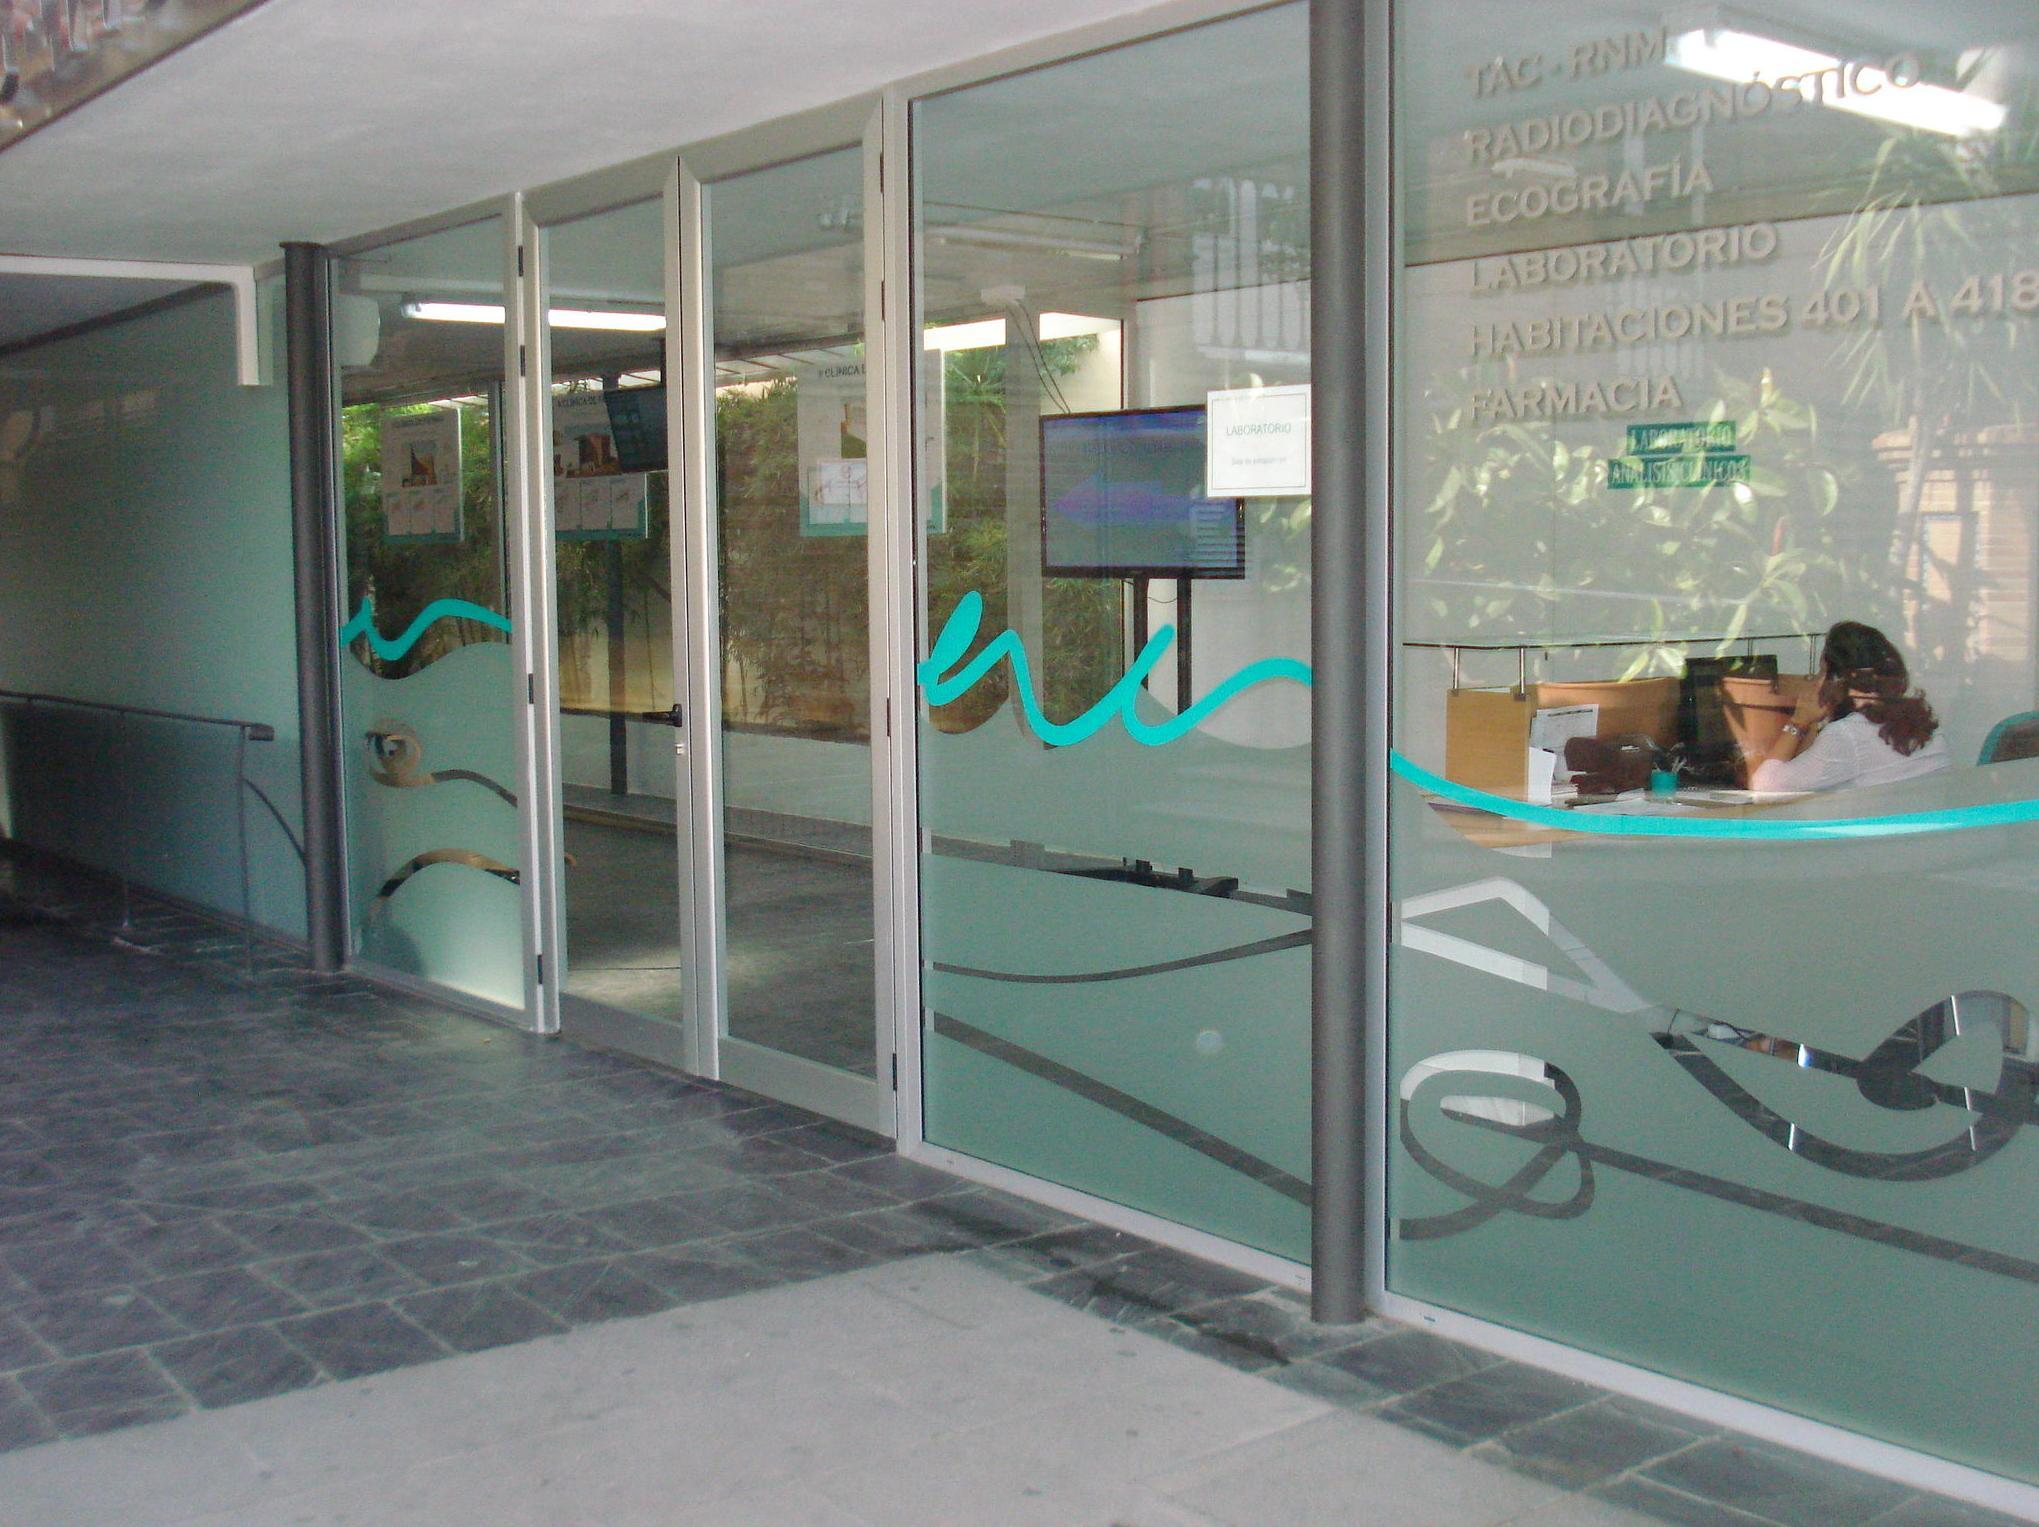 Foto 5 de Diseño gráfico en Mairena del Aljarafe | Torreisabel, S.L.